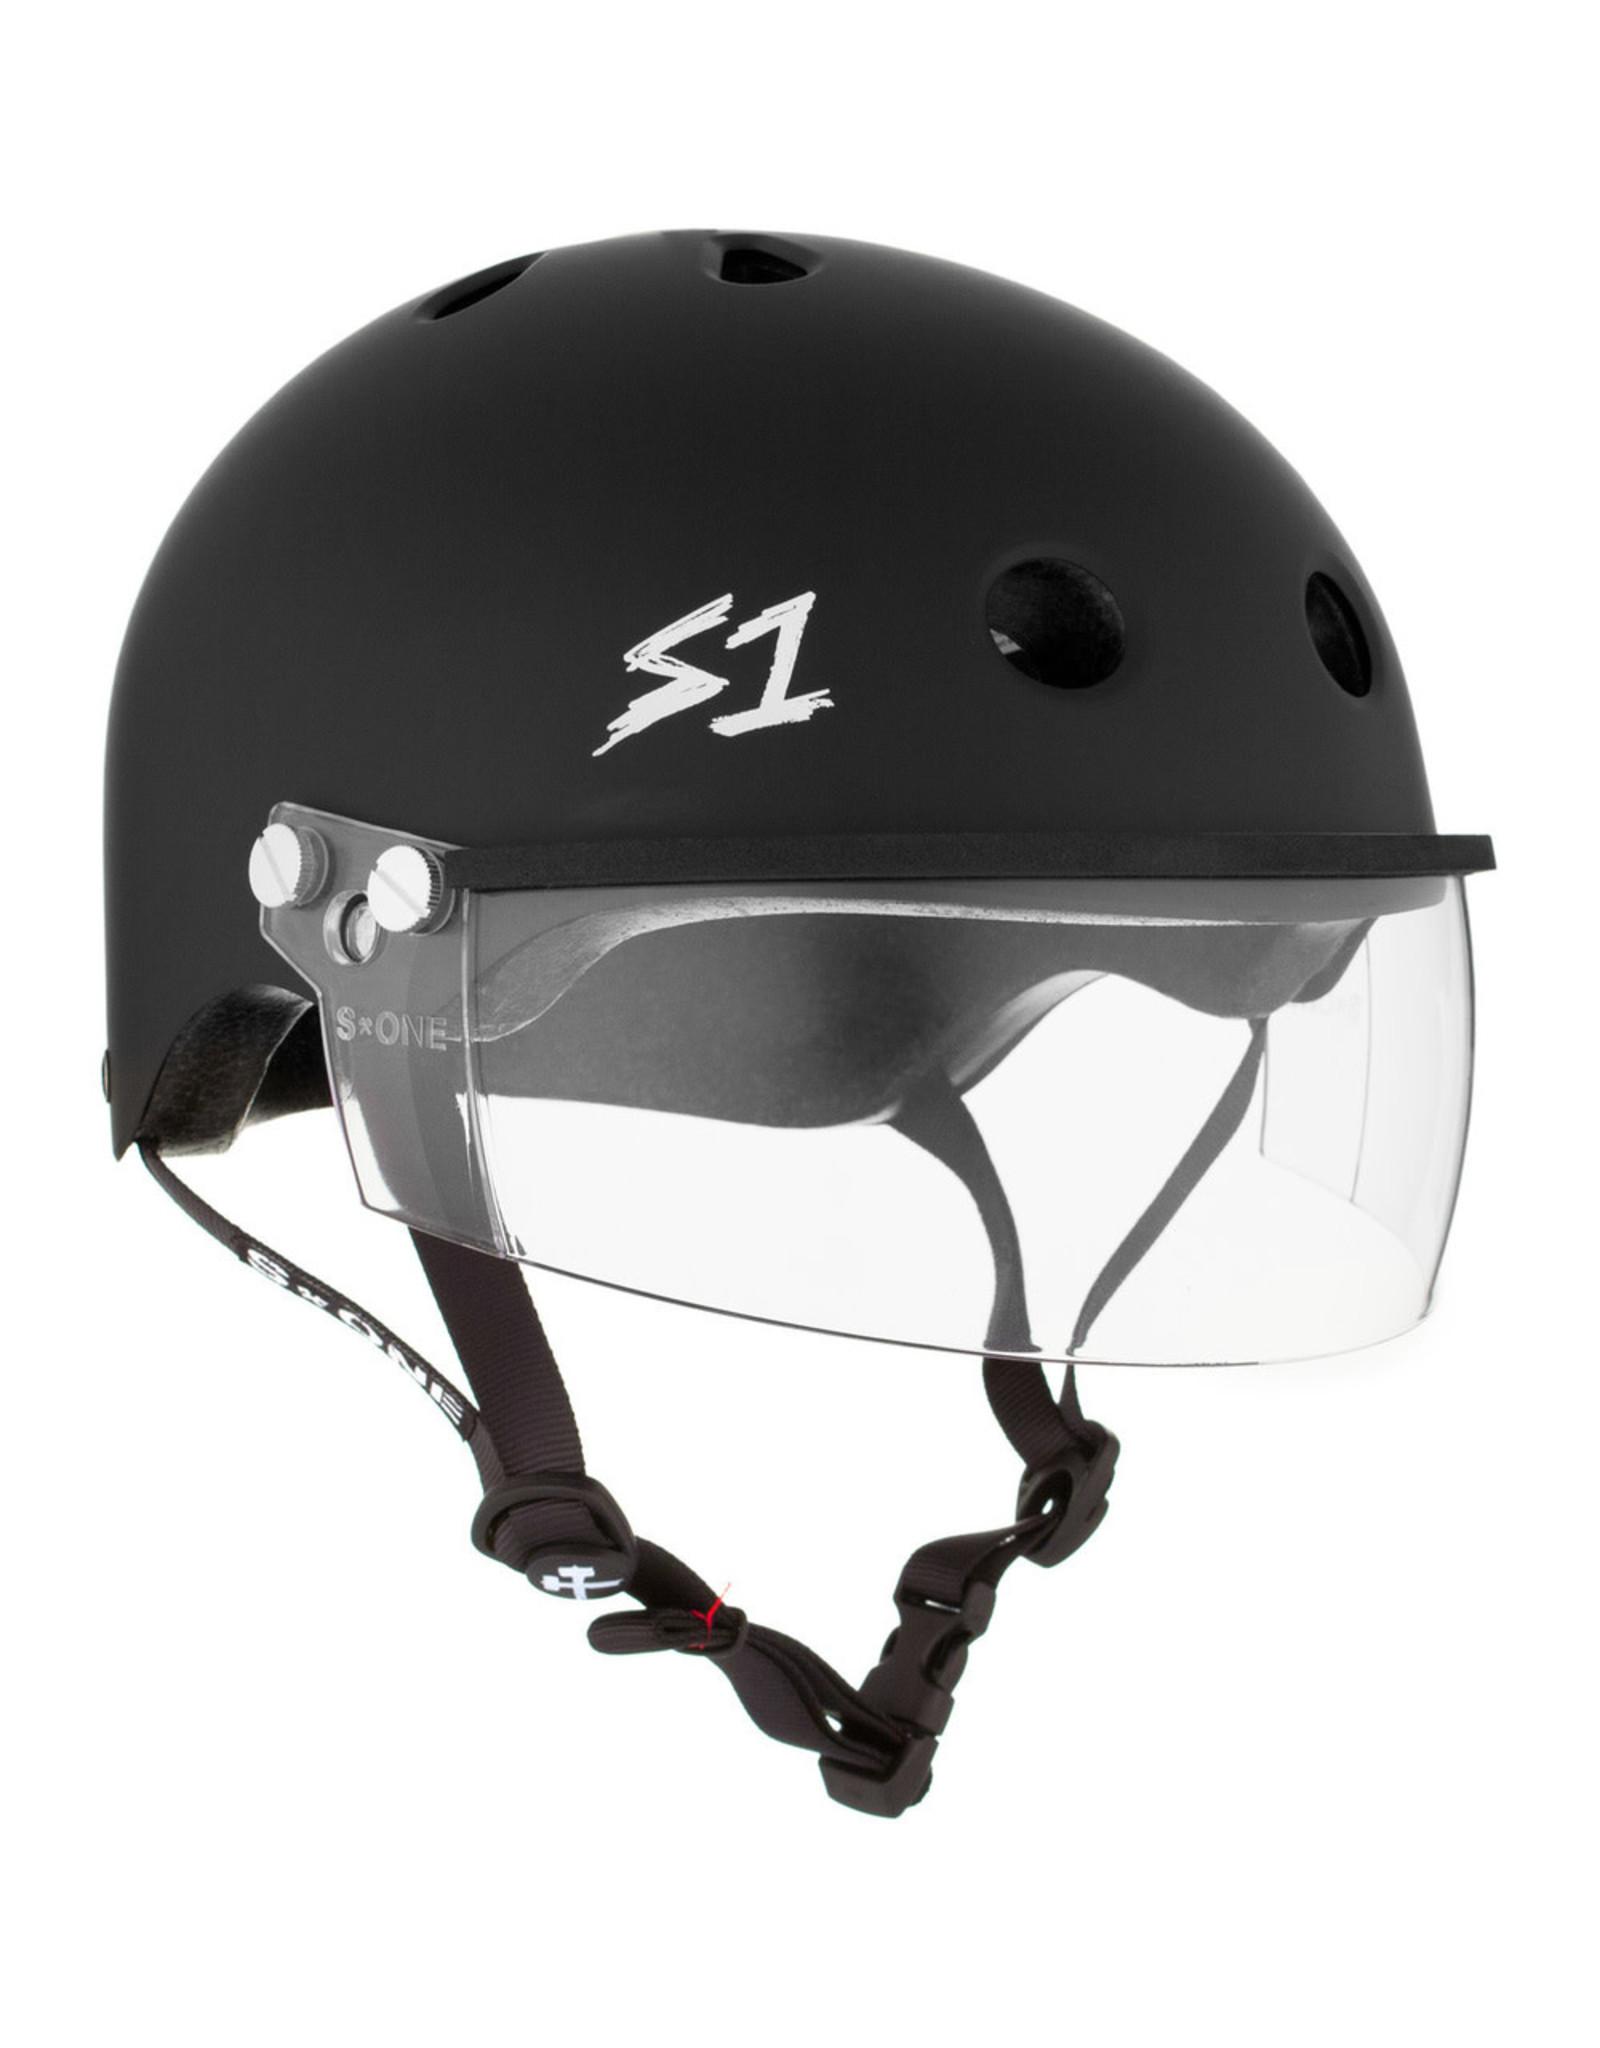 S-One S1 Lifer Visor Helmet Gen 2